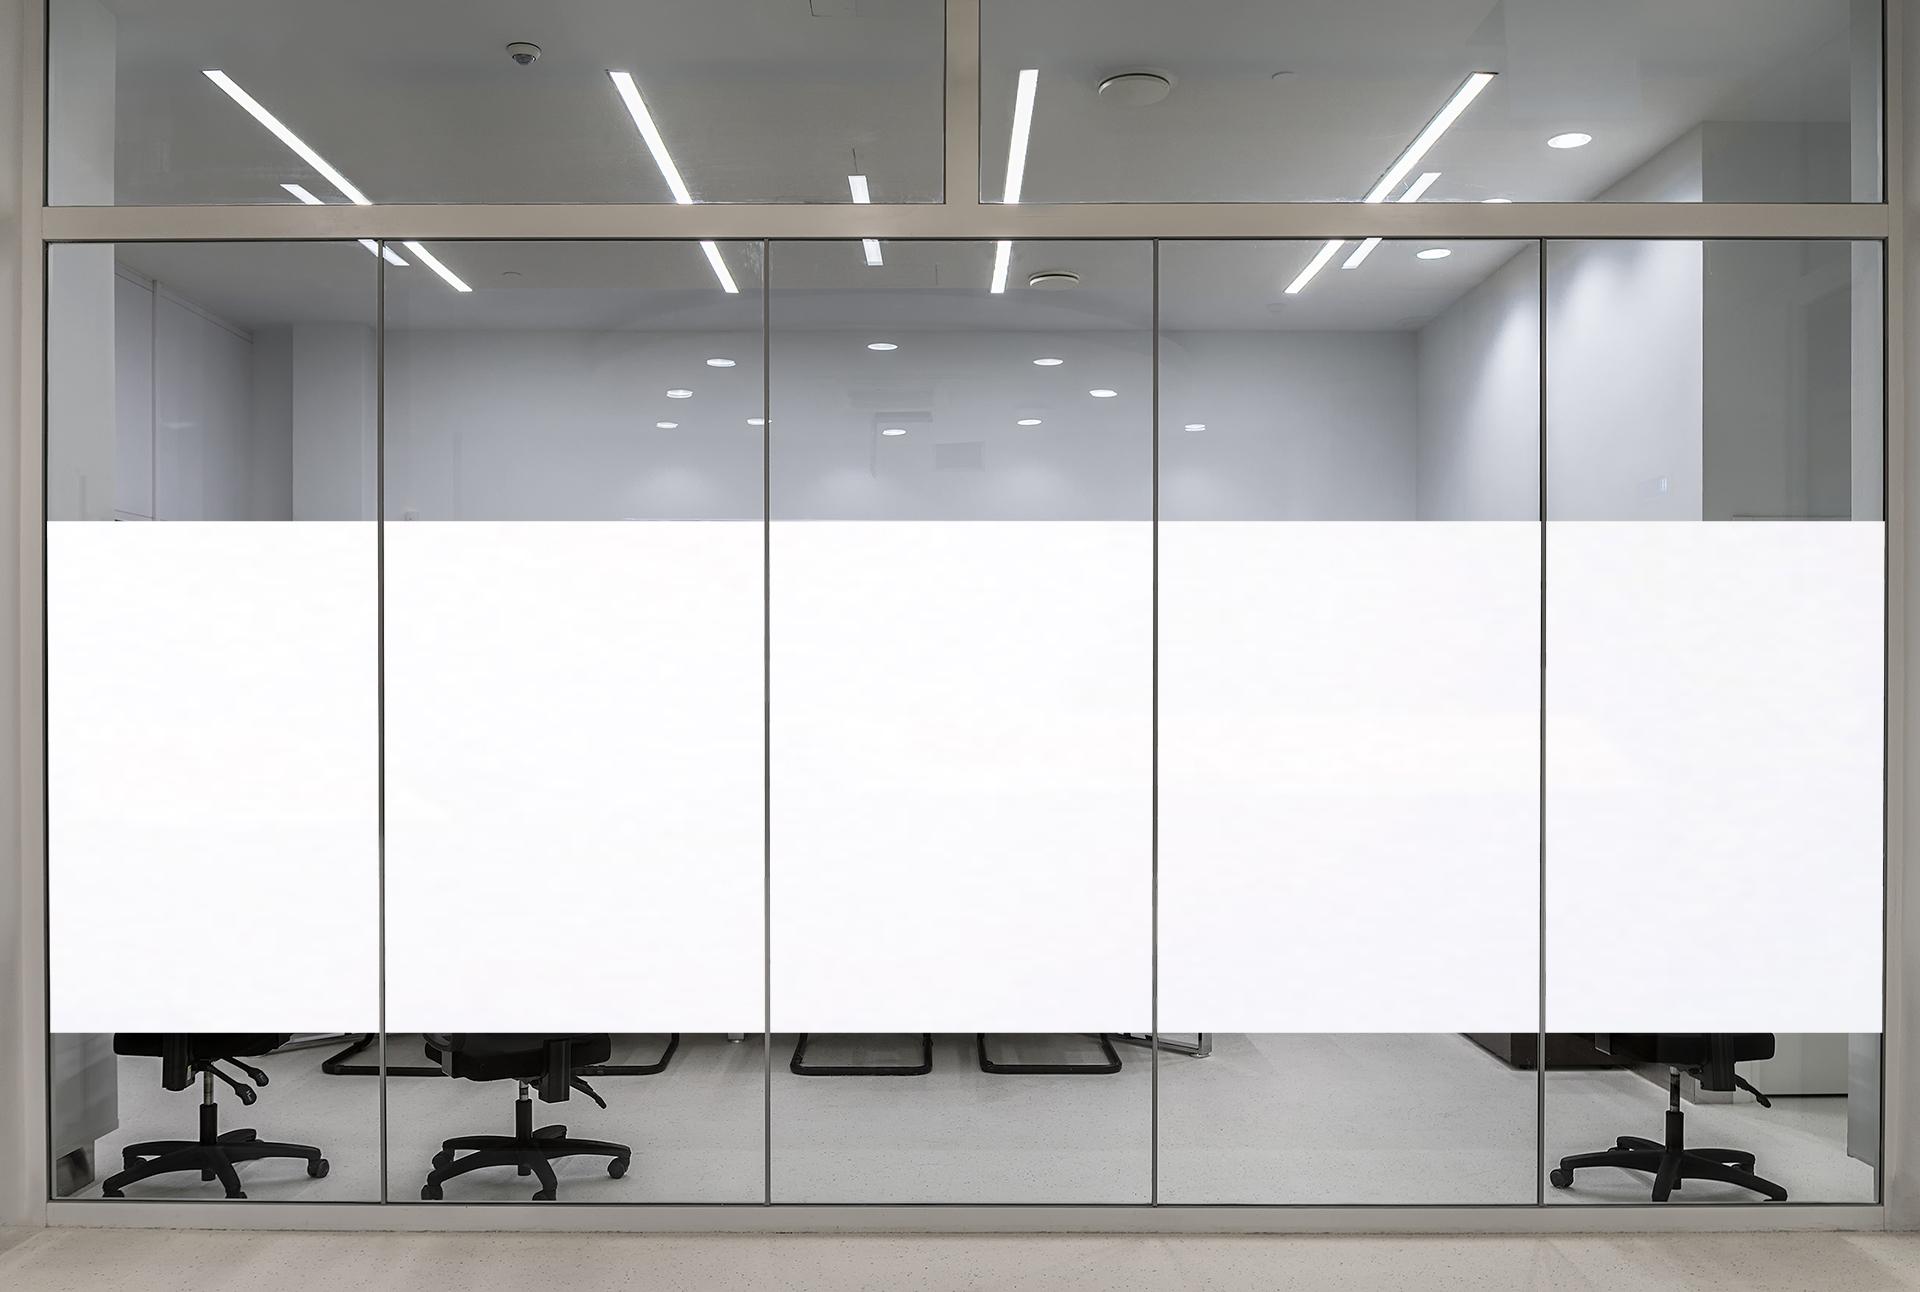 Szklana ściana w biurze z naklejoną folią elektryczną w kolorze białym (mlecznym).